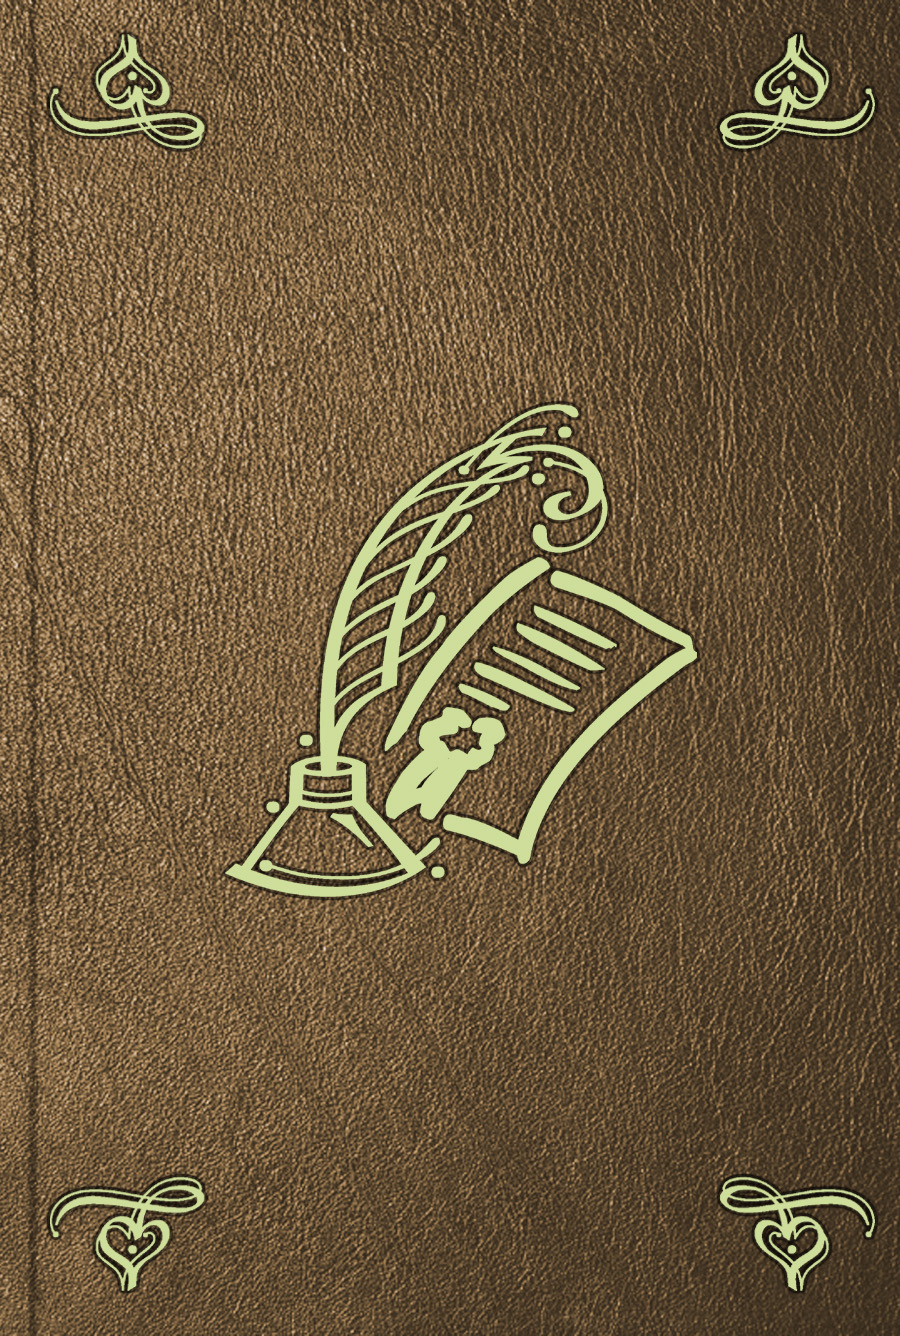 Отсутствует Древния государственныя грамоты, наказныя памяти и челобитныя отсутствует древния государственныя грамоты наказныя памяти и челобитныя